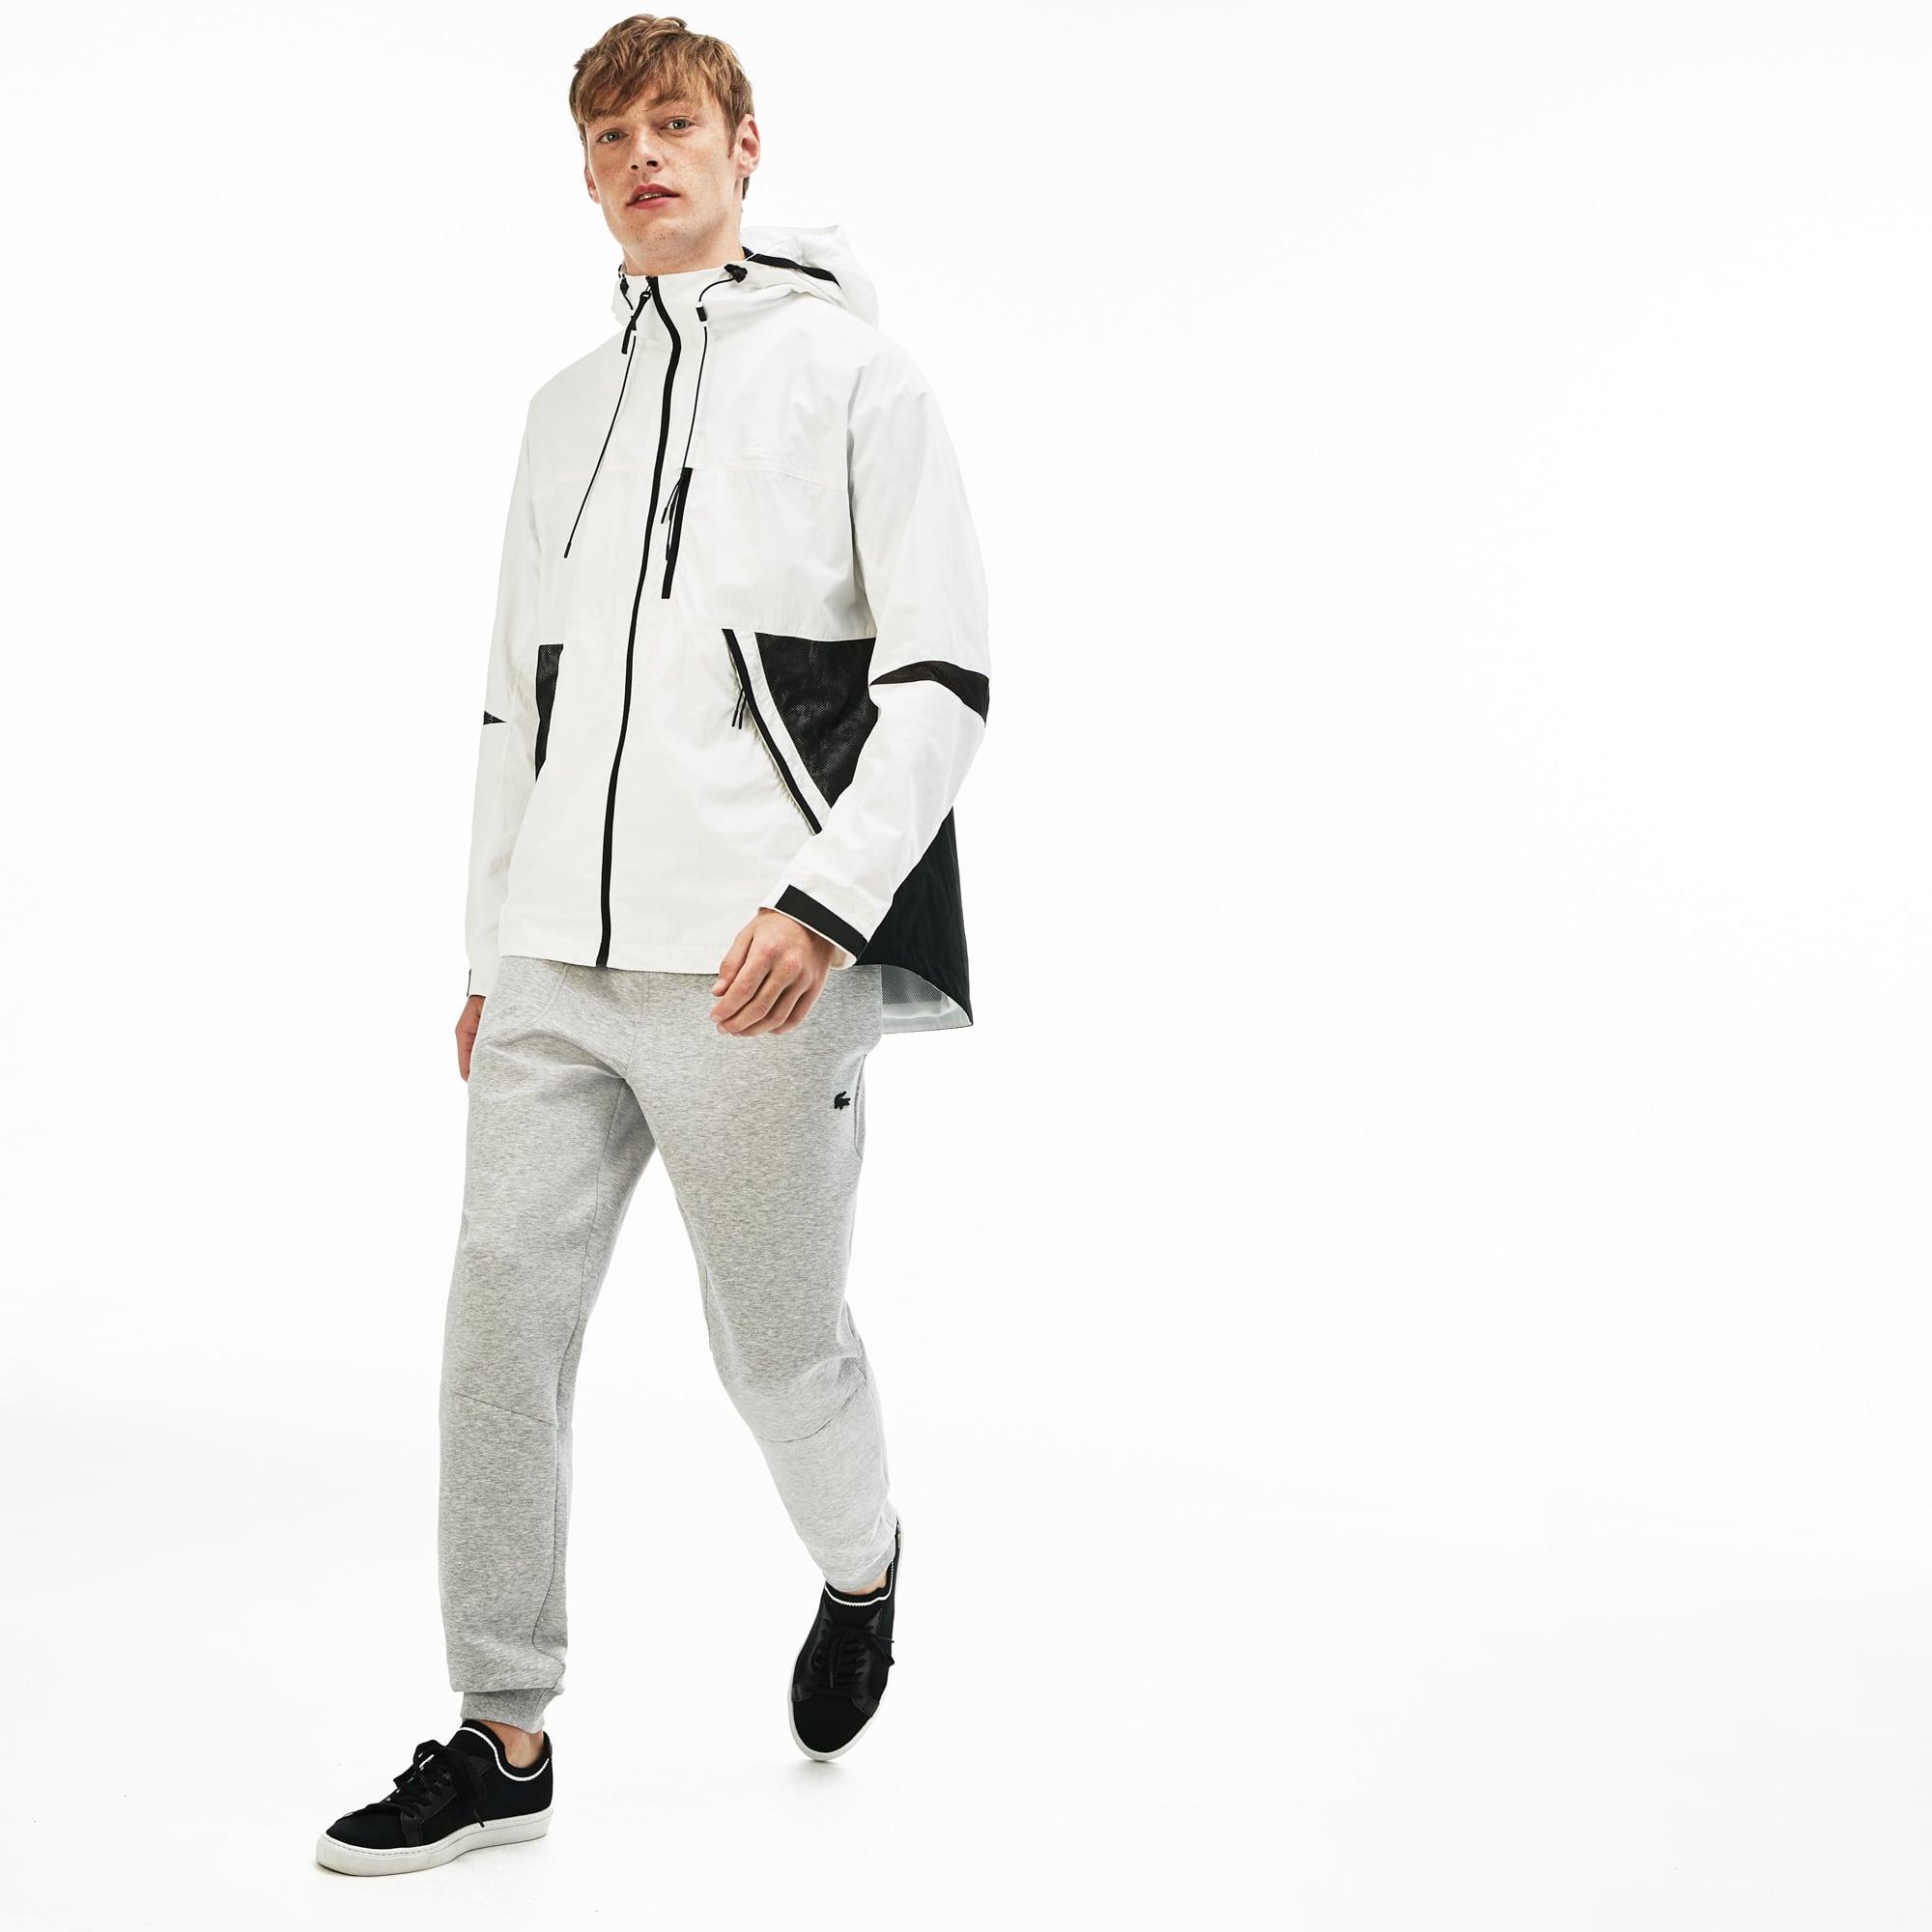 b5b7c8279d Manteaux & Blousons | Vêtements Homme | LACOSTE